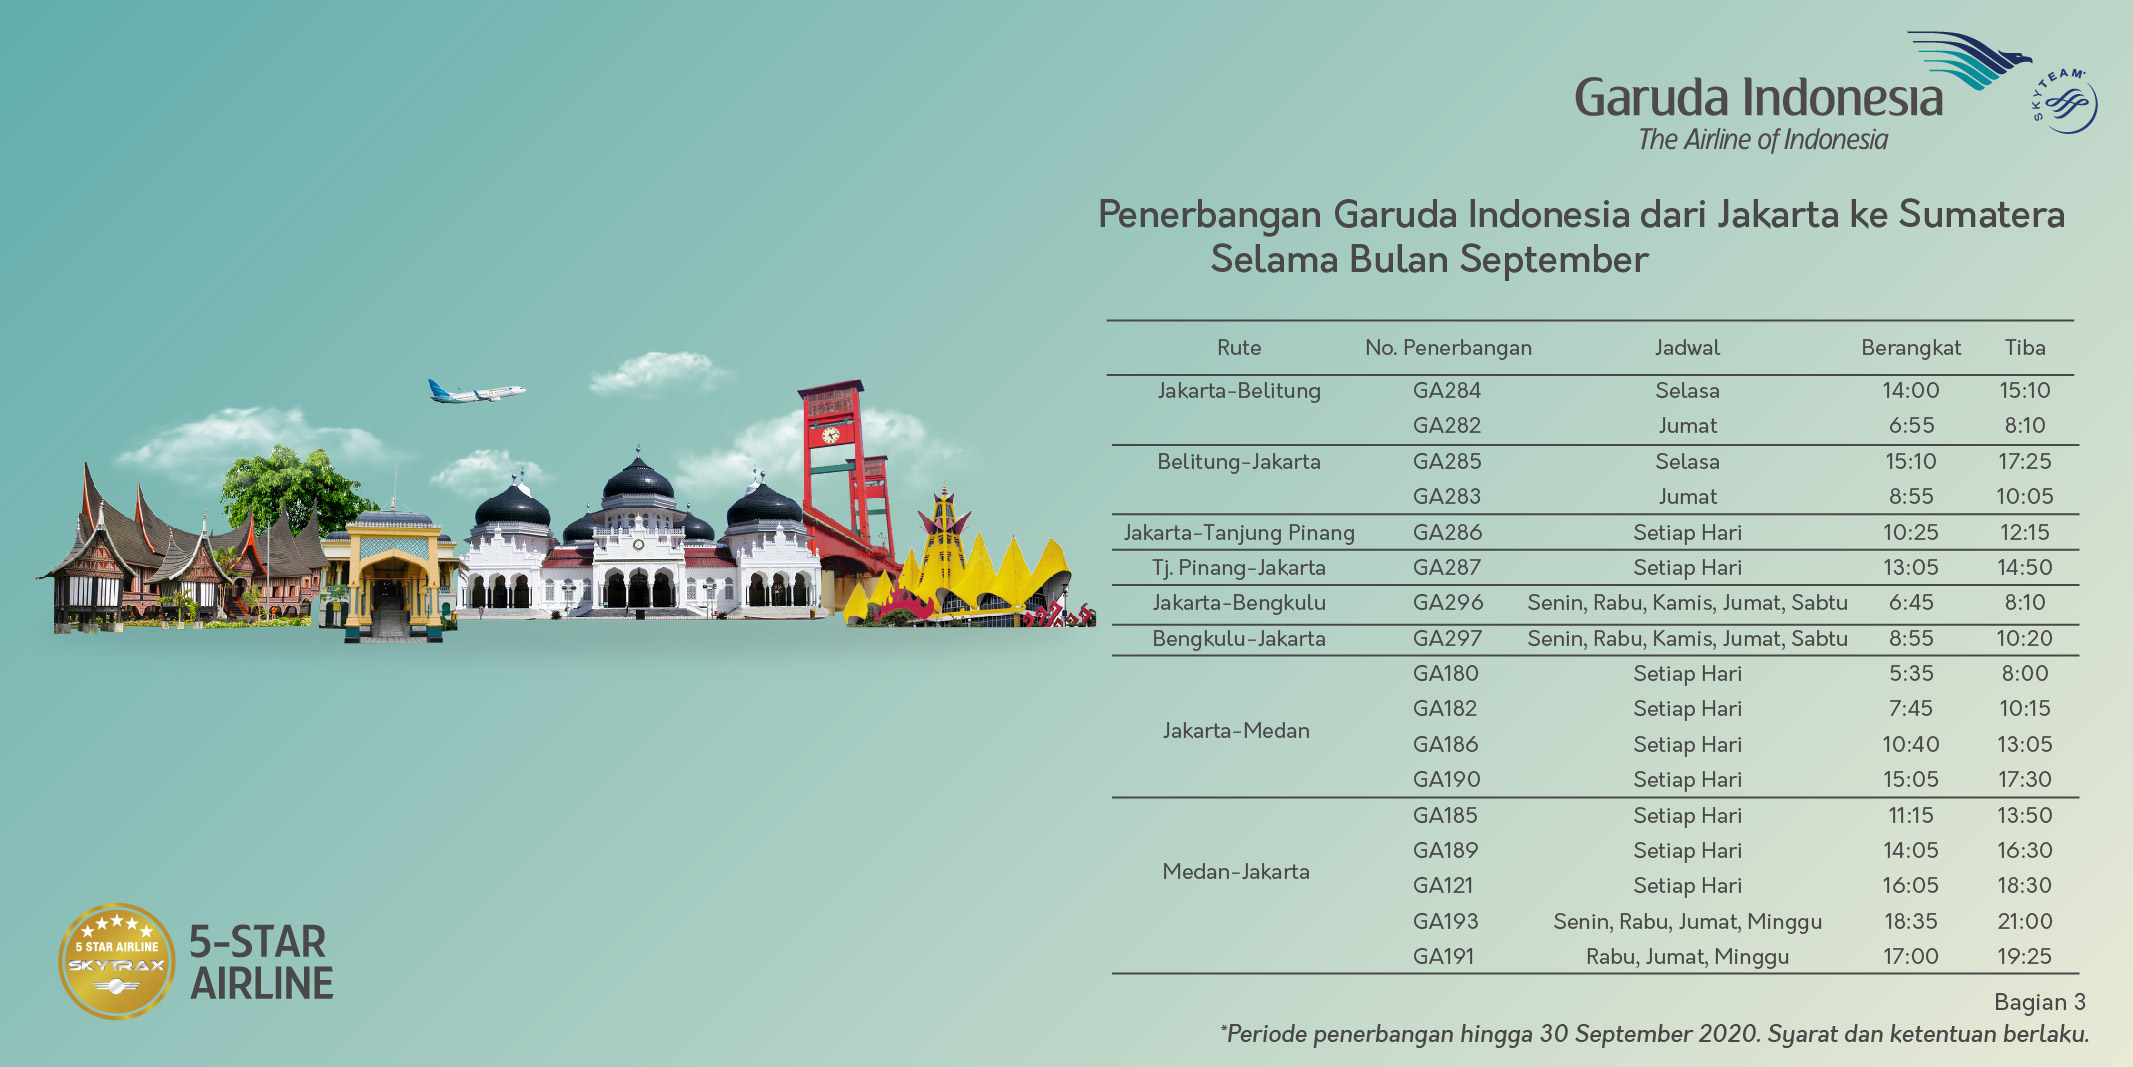 Rute dan Jadwal Garuda Indonesia